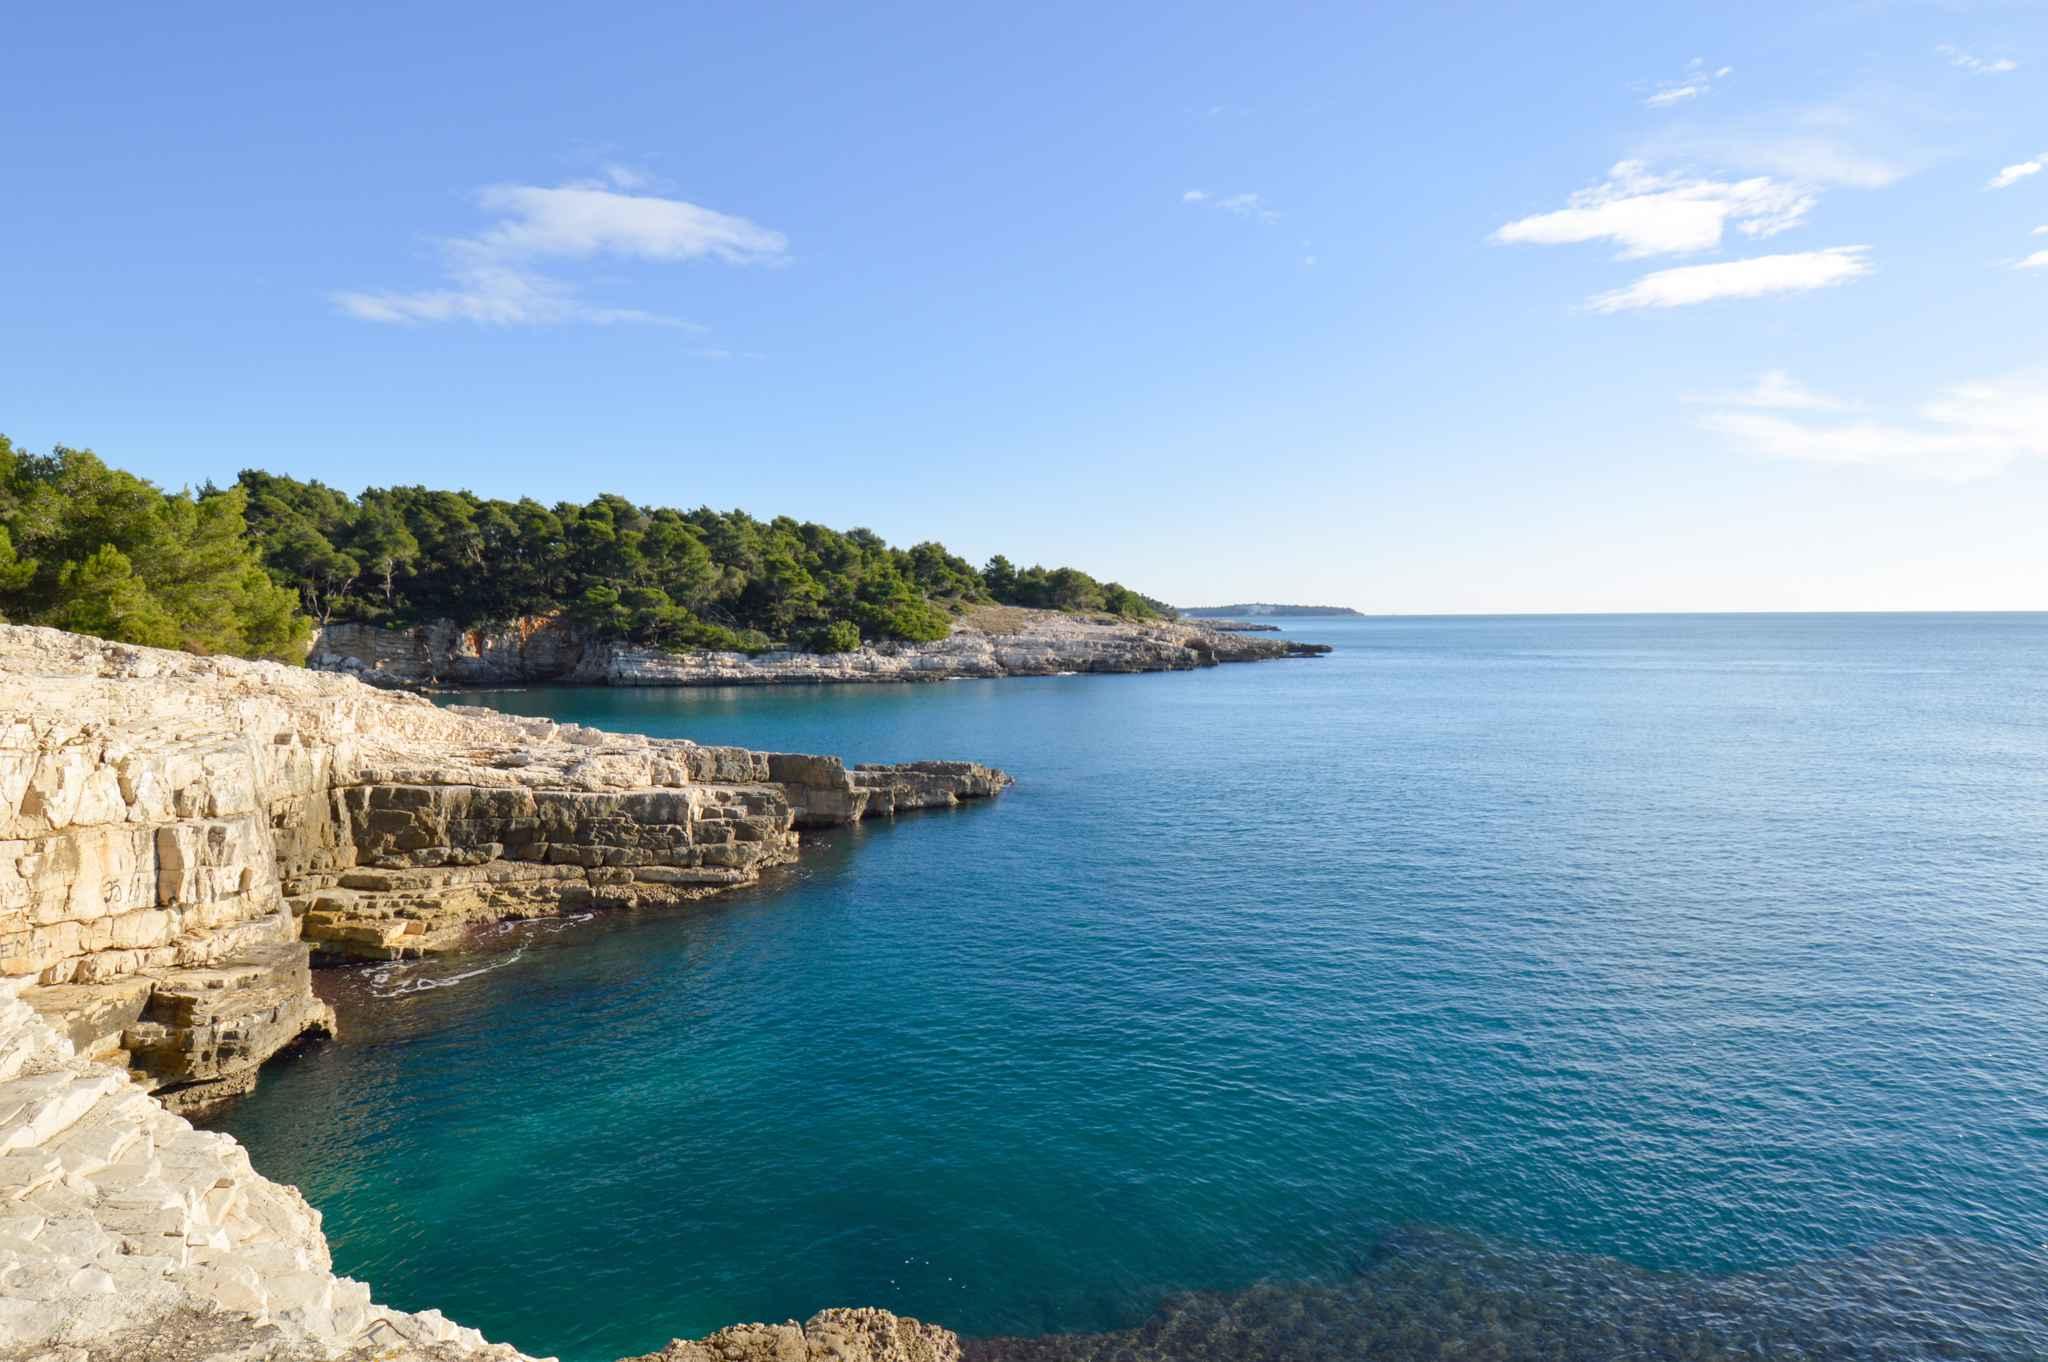 Ferienwohnung 150 m vom Strand (280758), Pula, , Istrien, Kroatien, Bild 15